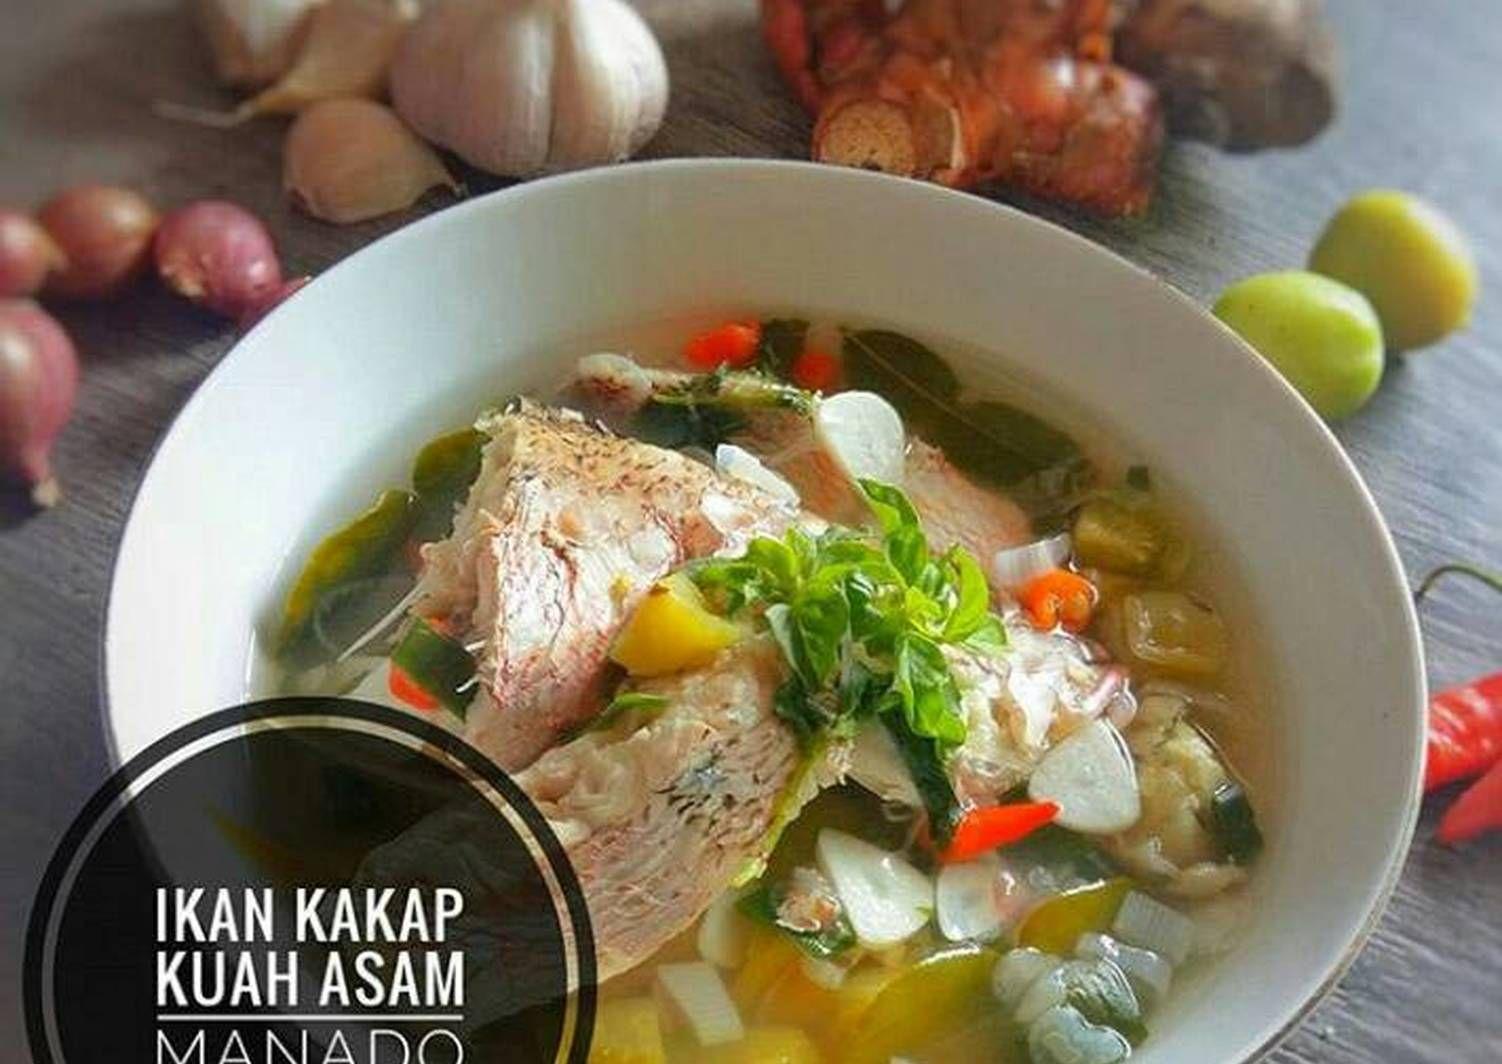 Resep Ikan Kakap Kuah Asam Manado Oleh Bundanya Nabilah Resep Resep Ikan Resep Masakan Sehat Resep